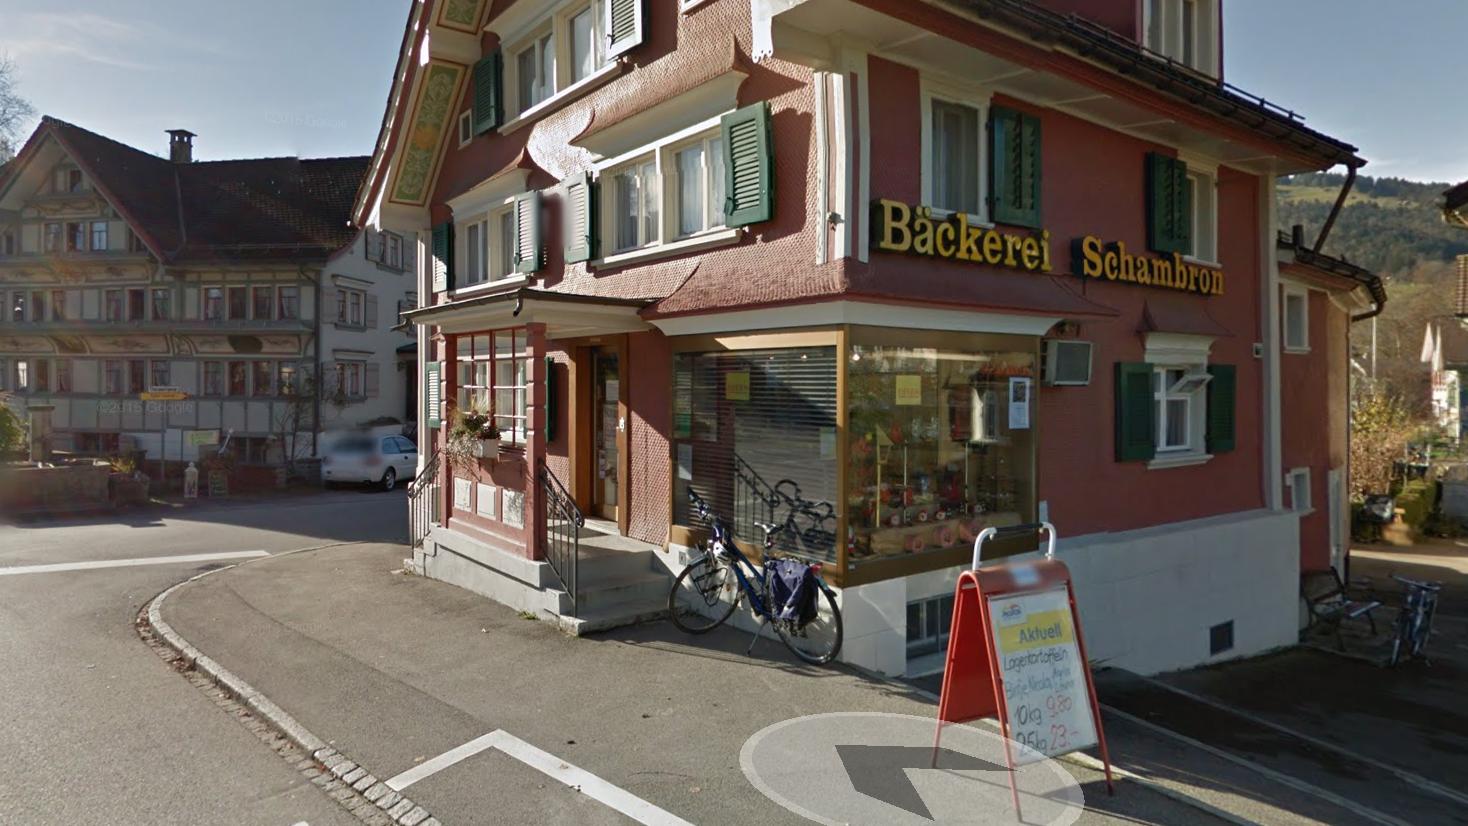 Die Bäckerei Schambron an der Thurstrasse wurde Opfer der Süssigkeiten-Diebe.